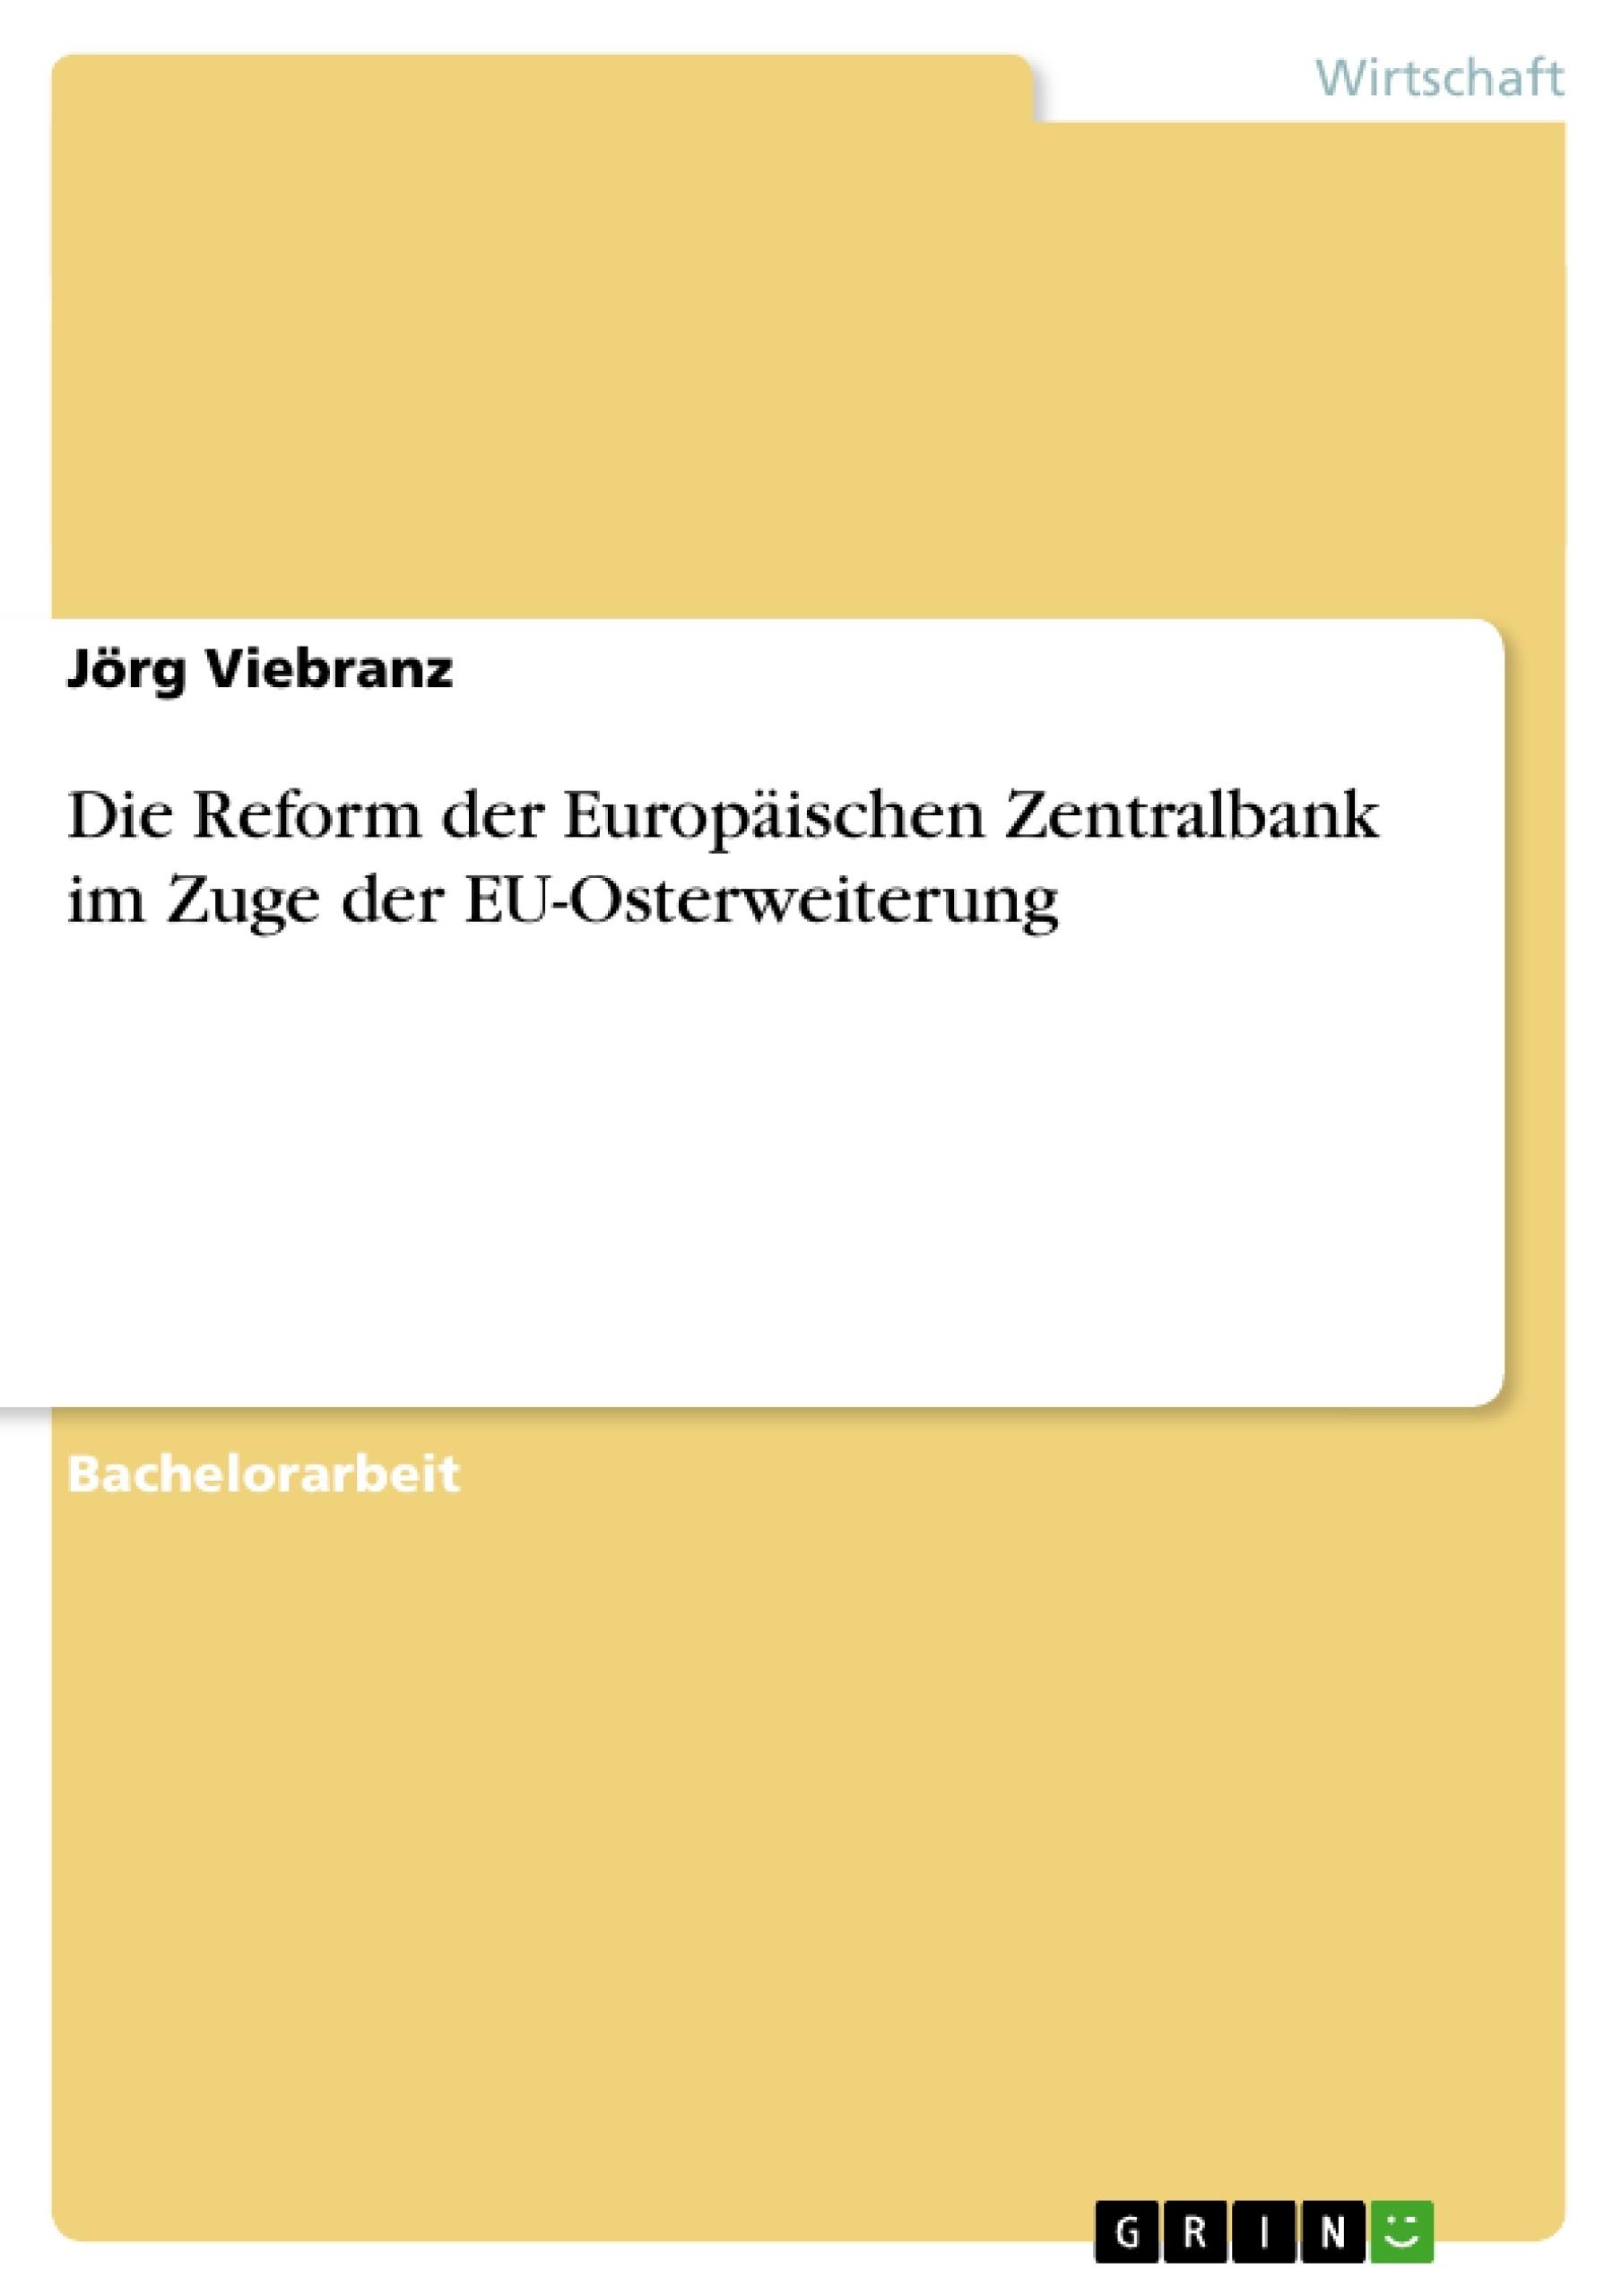 Titel: Die Reform der Europäischen Zentralbank im Zuge der EU-Osterweiterung